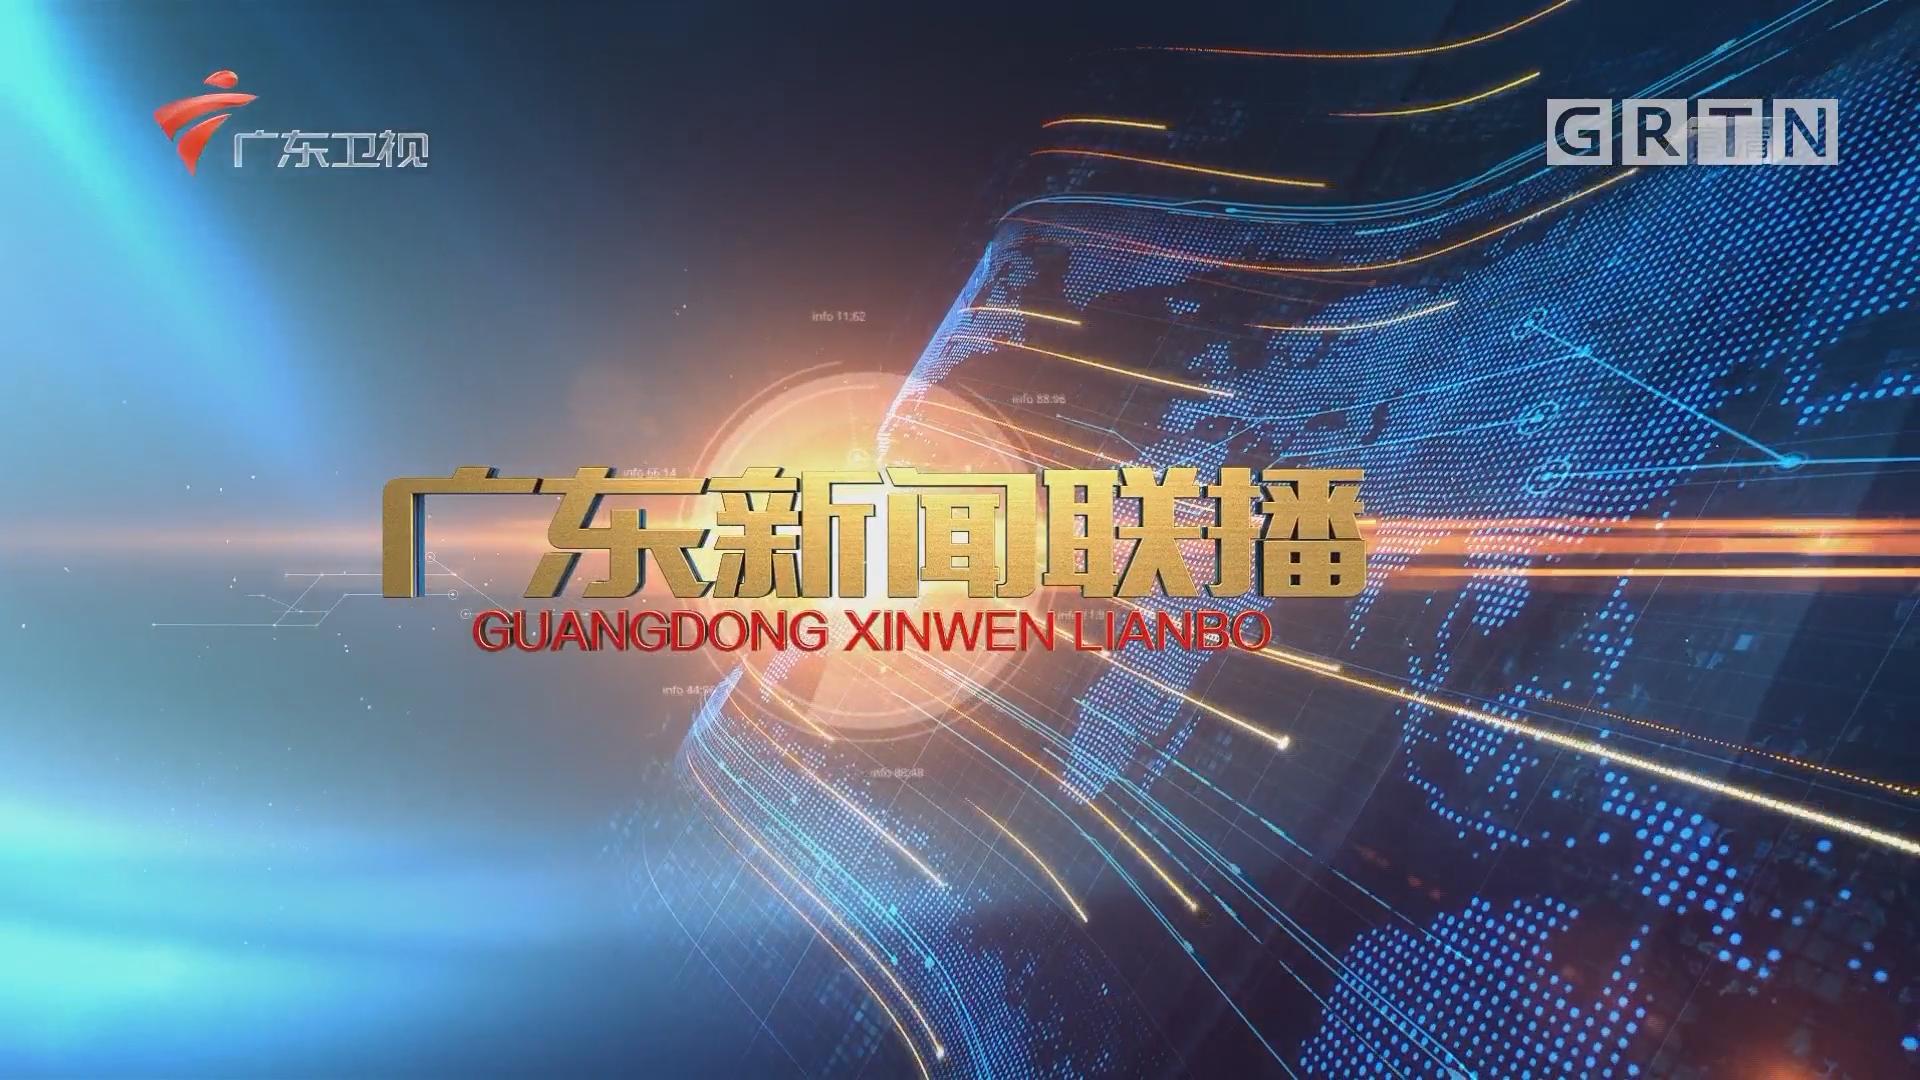 """[HD][2018-09-14]广东新闻联播:超强台风""""山竹""""趋向粤西 将给广东带来严重风雨影响"""